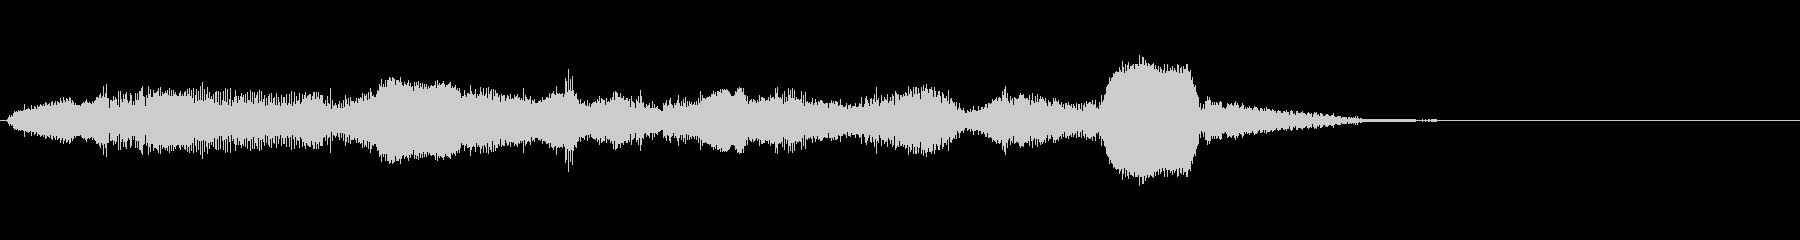 ハーディガーディ:スクラッチ、アン...の未再生の波形